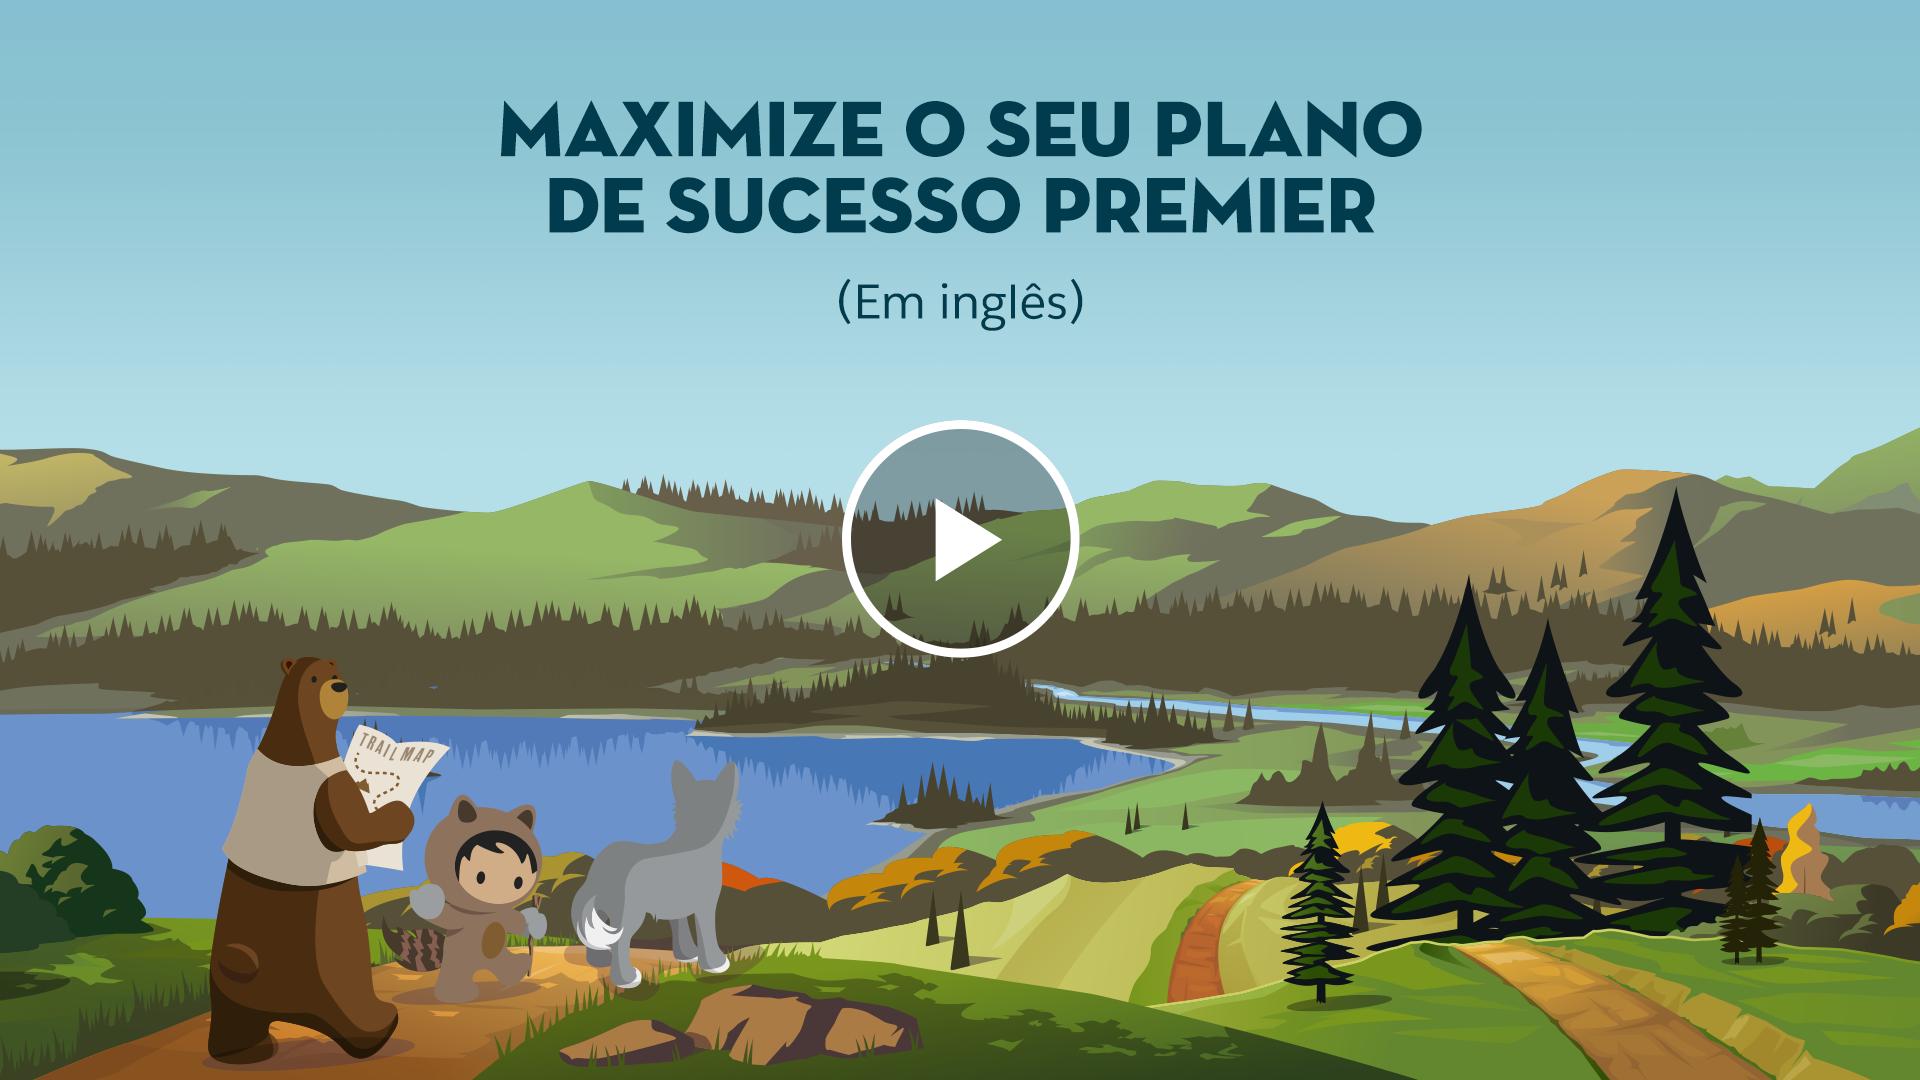 Maximize o seu Plano de sucesso Premier (Em inglês)